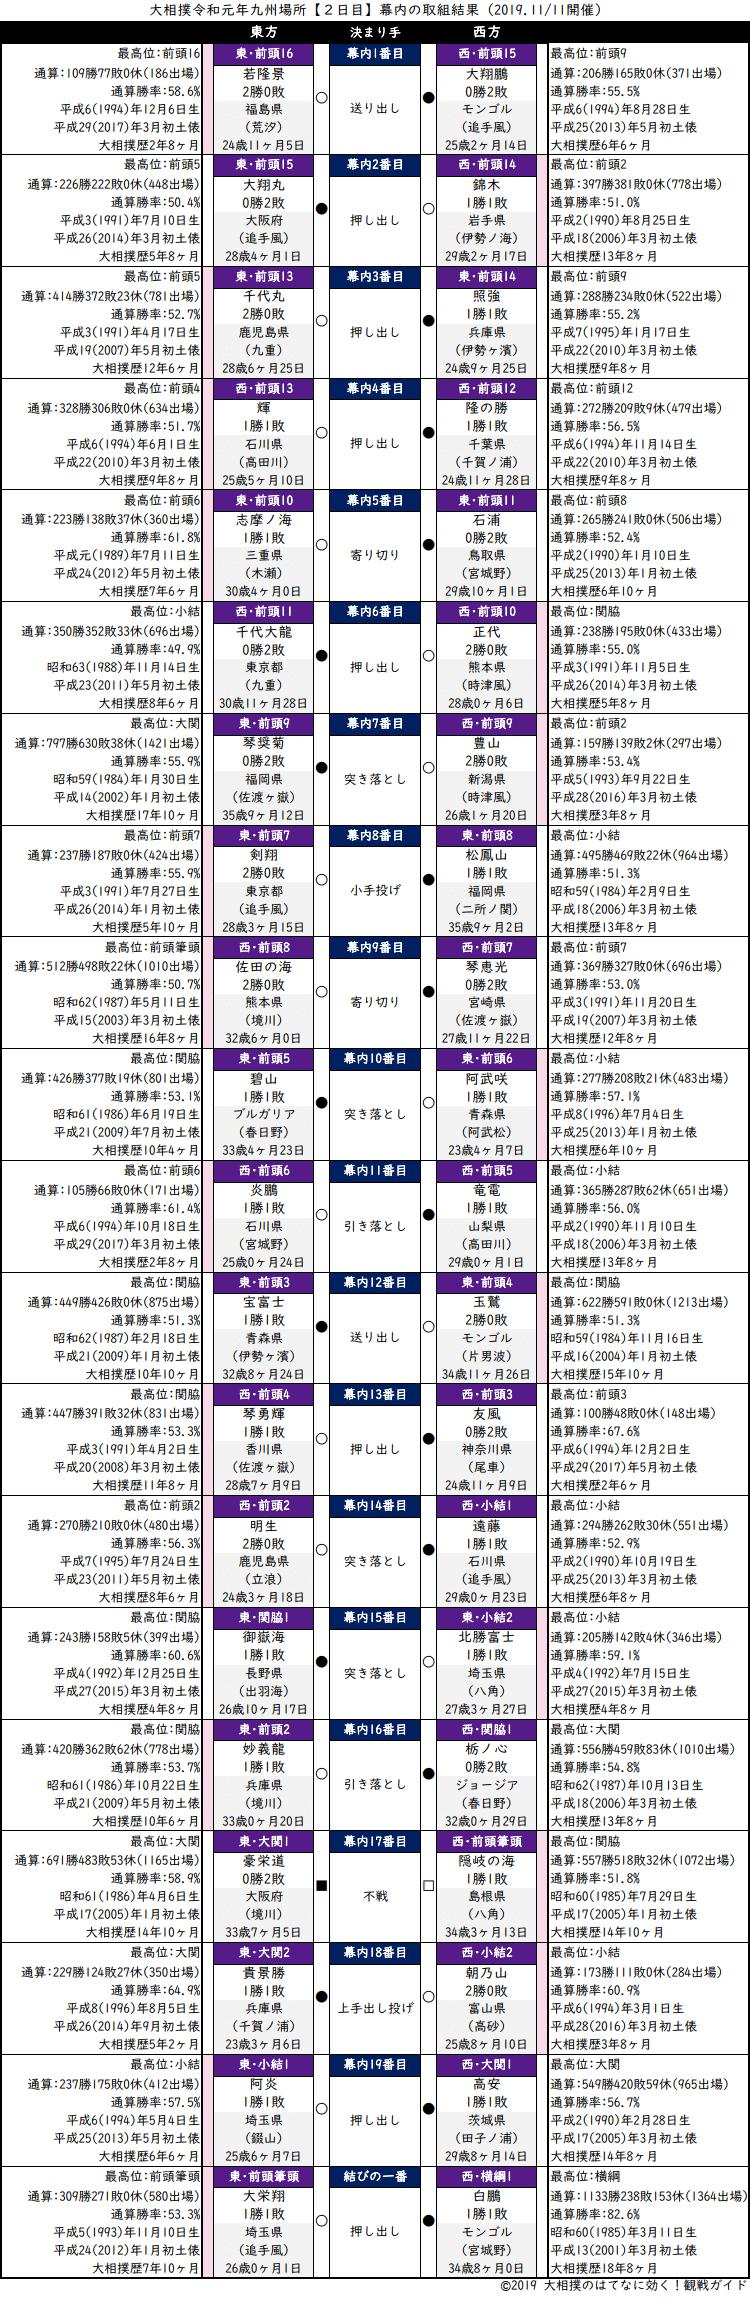 大相撲・2019年11月場所2日目・幕内の取組結果